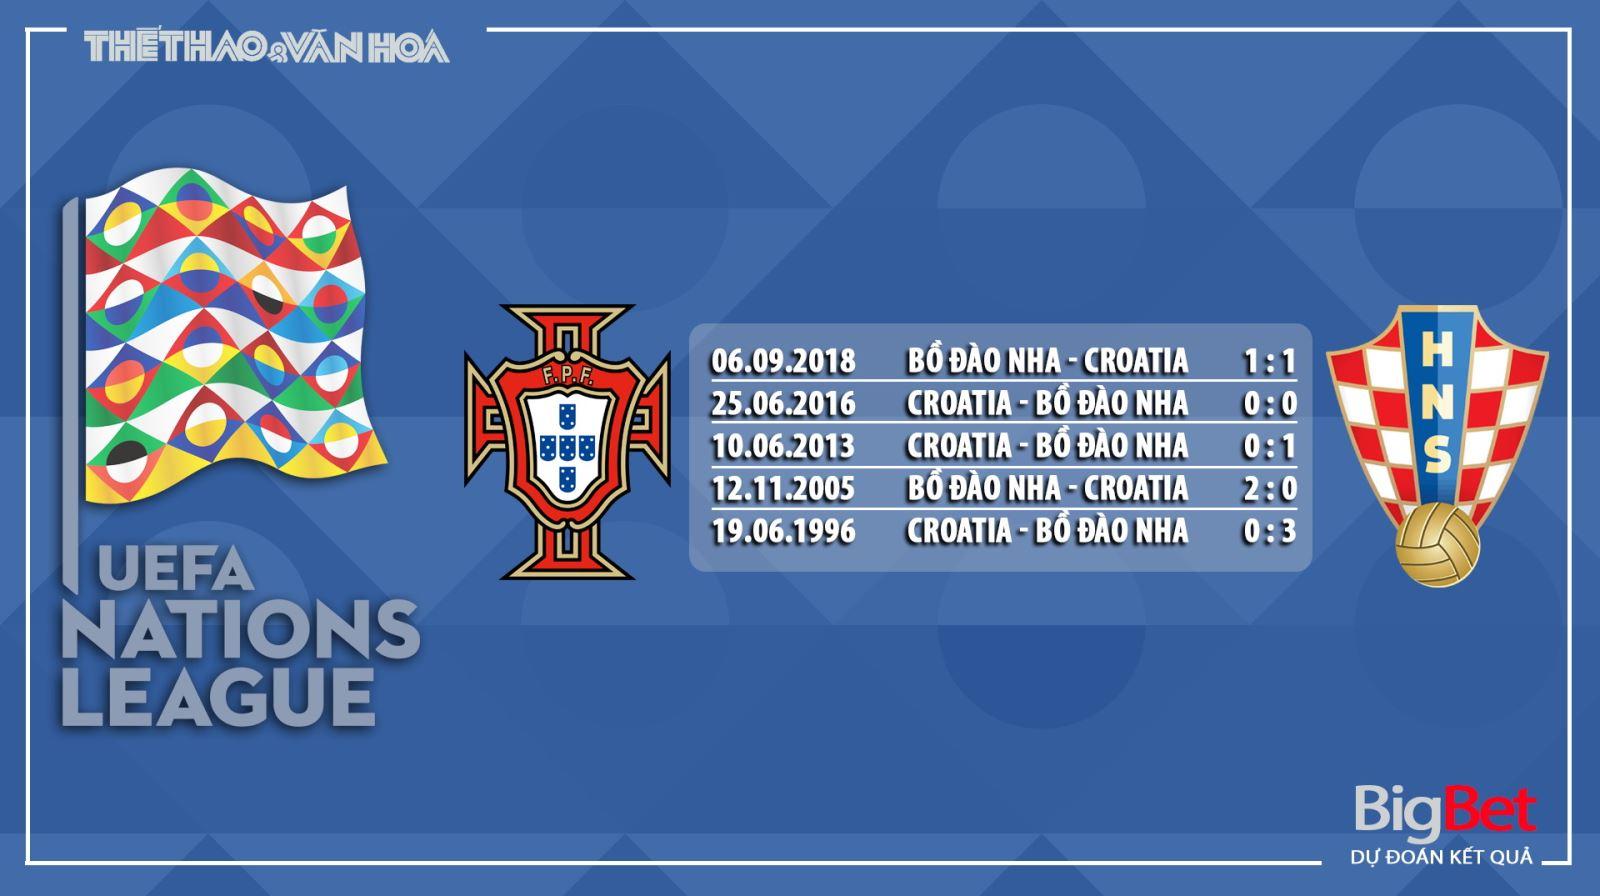 Soi kèo Bồ Đào Nha vs Croatia, bồ đào nha, croatia, nhận định bồ đào nha vs croatia, trực tiếp bóng đá, trực tiếp Bồ Đào Nha vs Croatia, kèo bóng đá